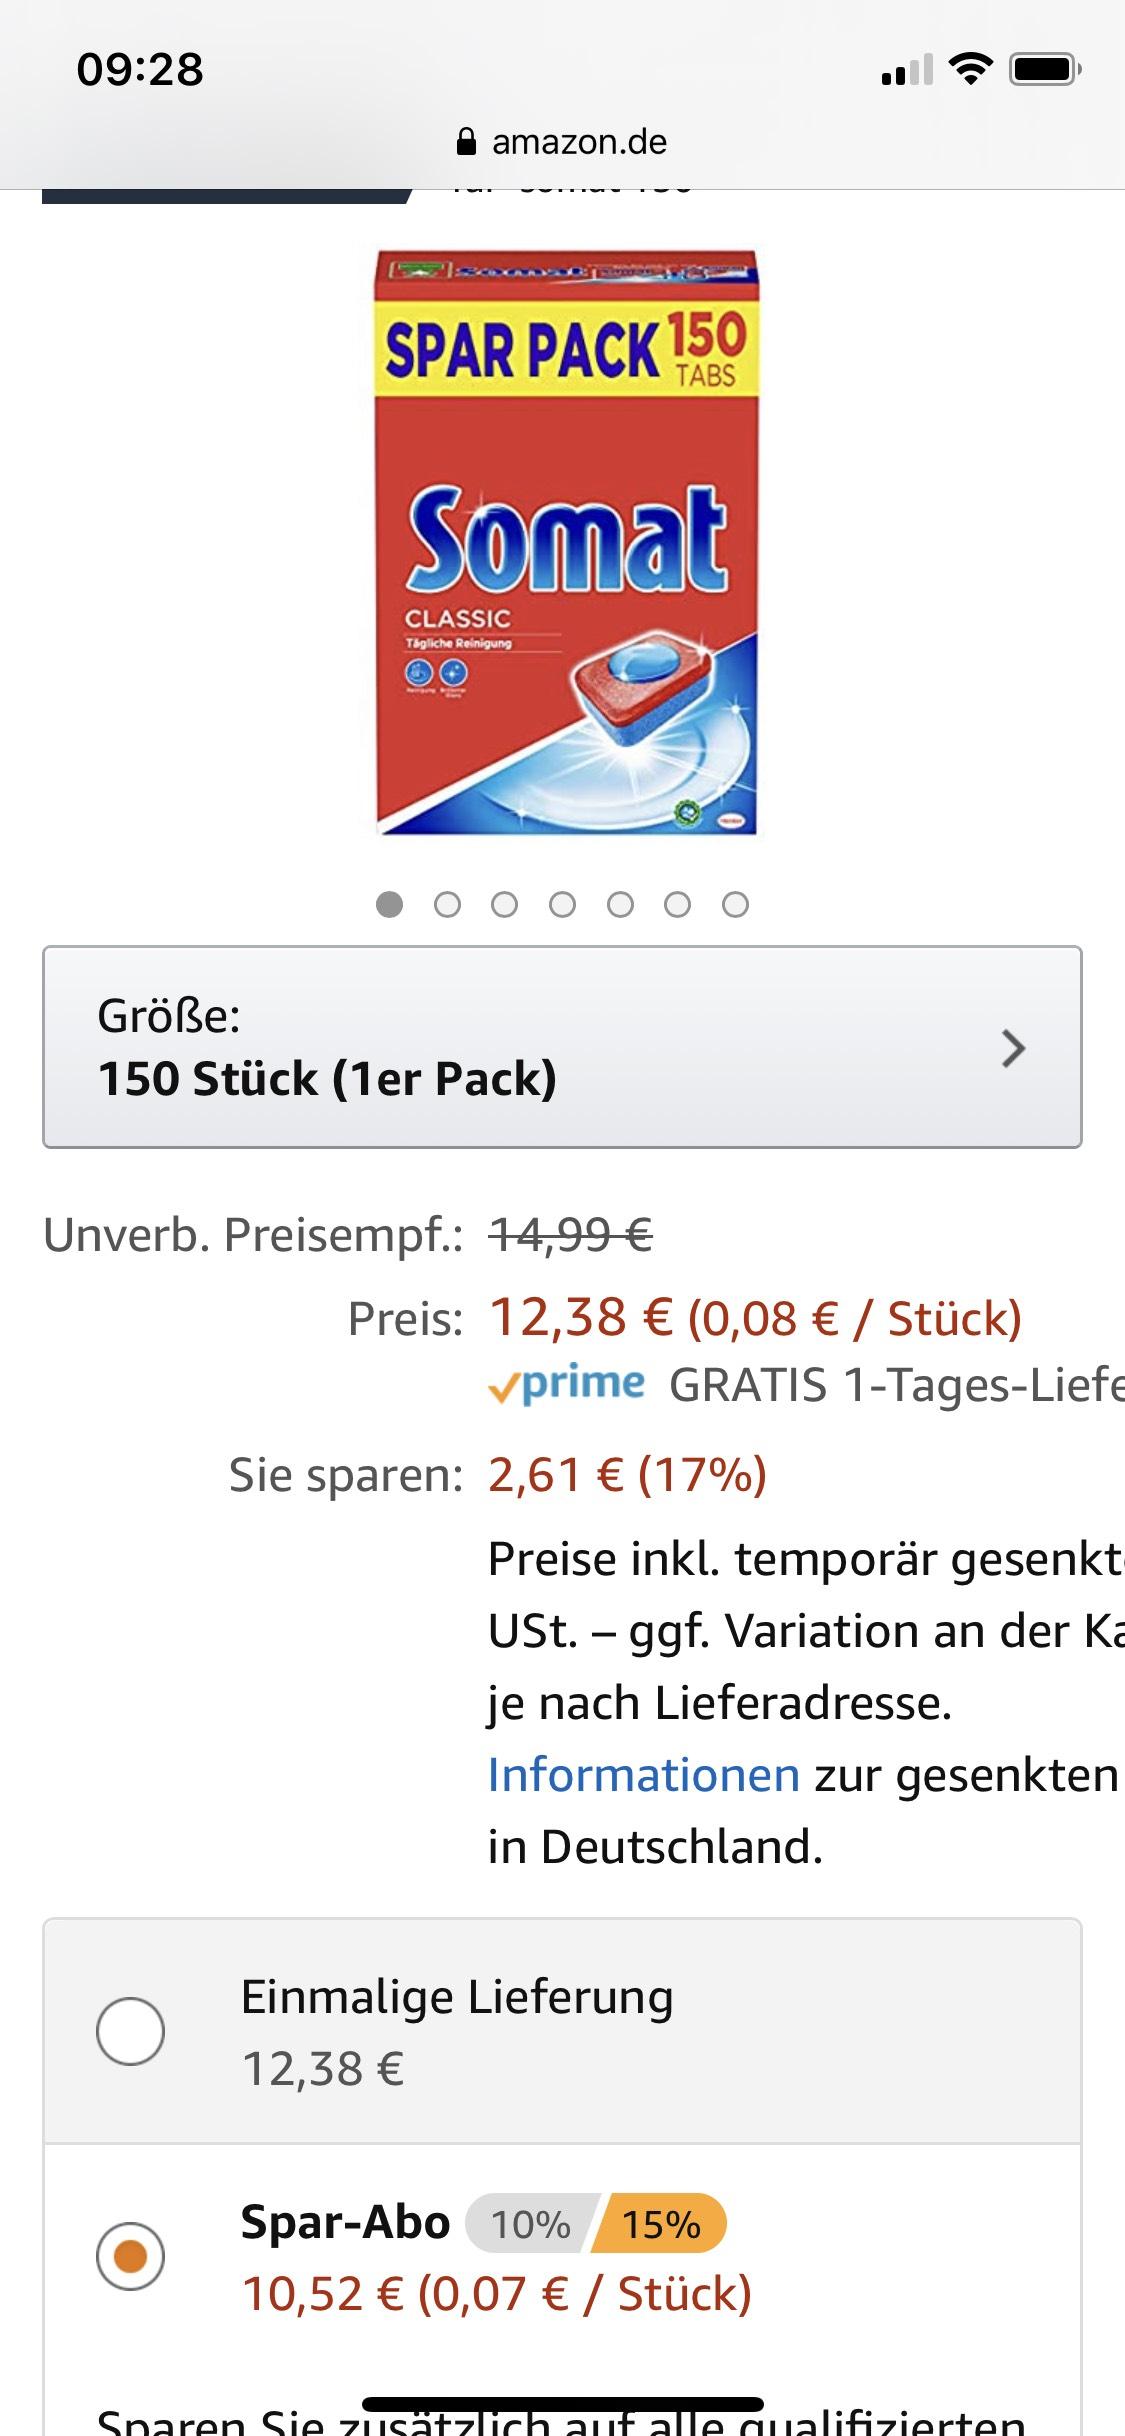 Somat Classic 150 Tabs im Spar Abo für 11,15€